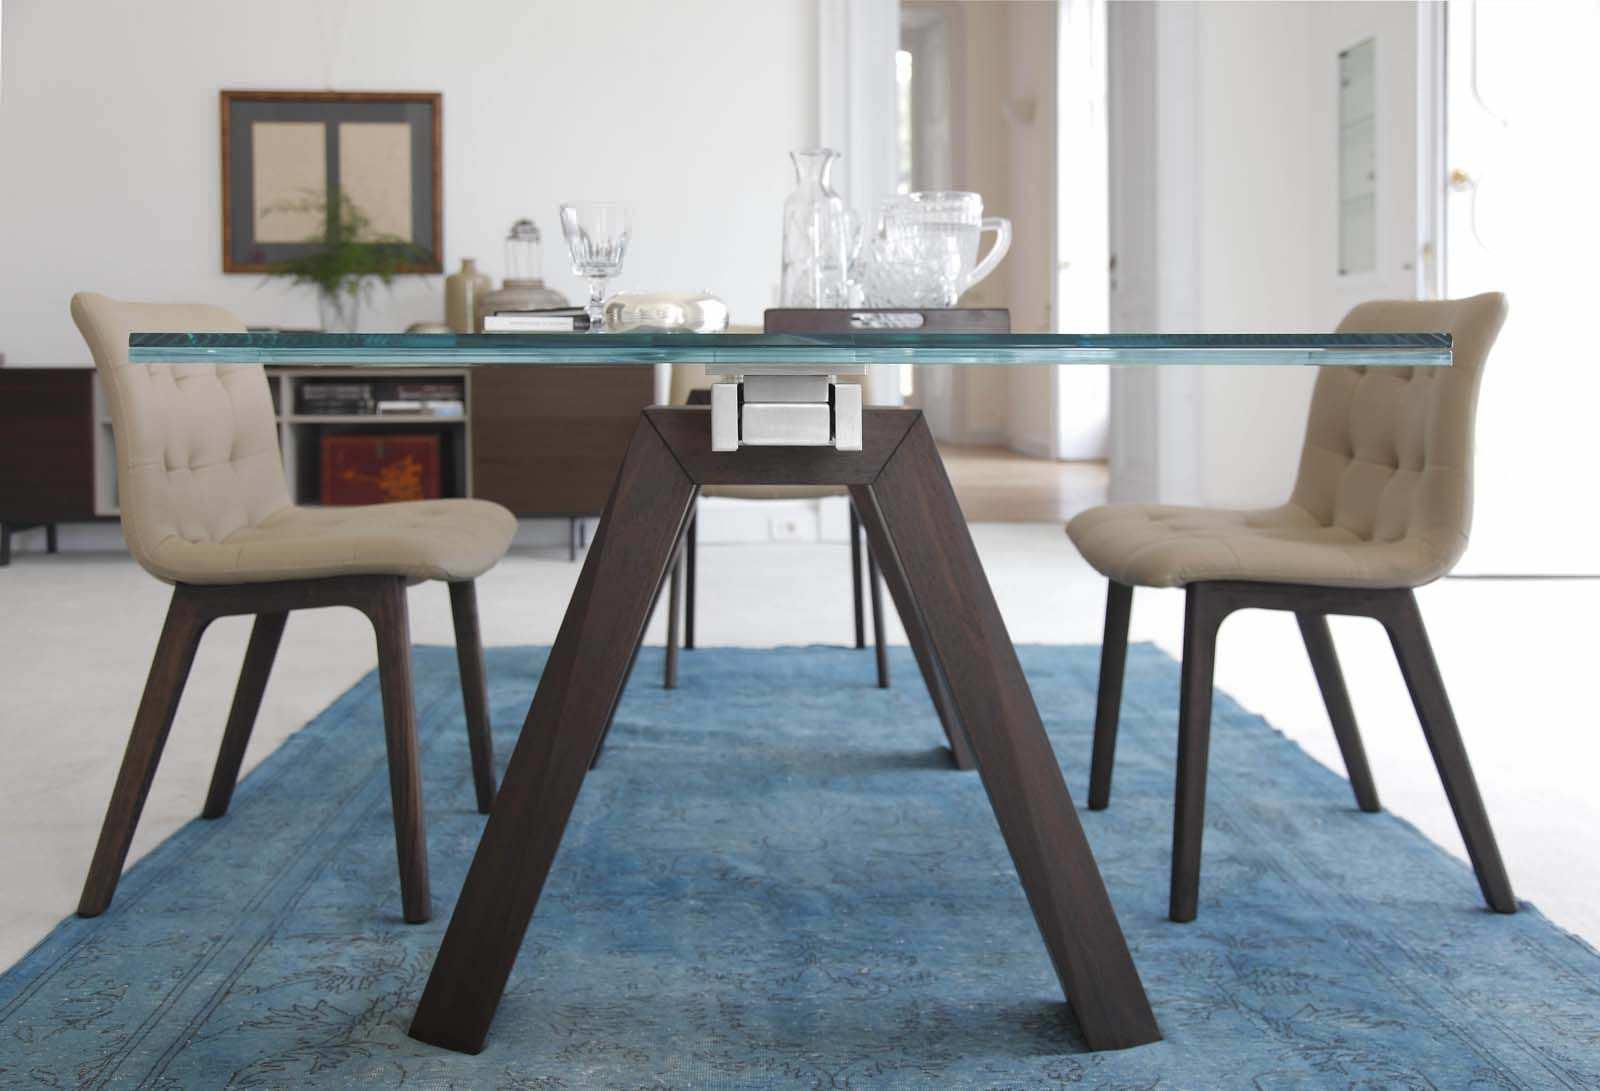 Tavolo Bontempi Cristallo Allungabile.Tavolo Moderno In Vetro In Marmo Con Supporto In Legno